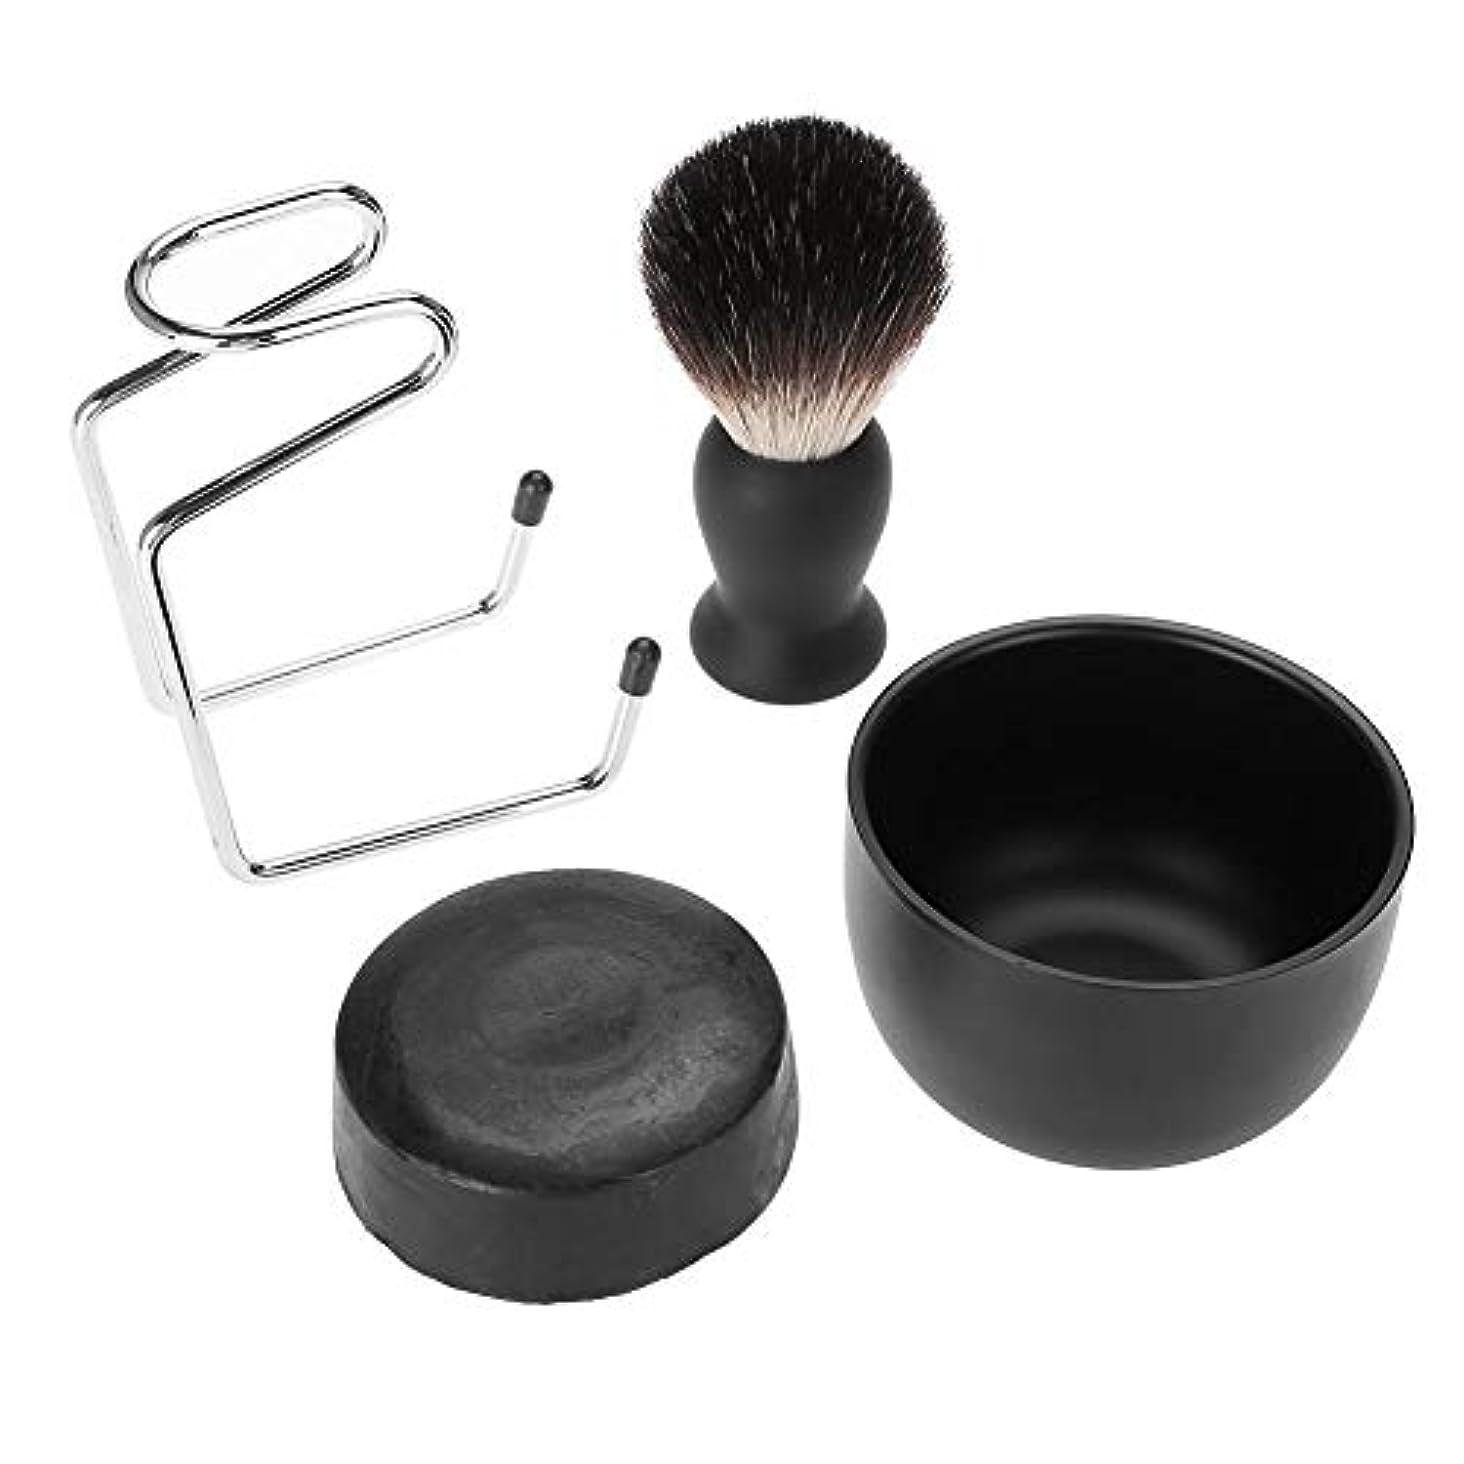 慰め整理する工場ひげ剃りセット、ひげ剃りツールキット付きシェービングブラシ+ブラシスタンド+シェービングソープ+男性用ギフトサロンホームトラベル使用